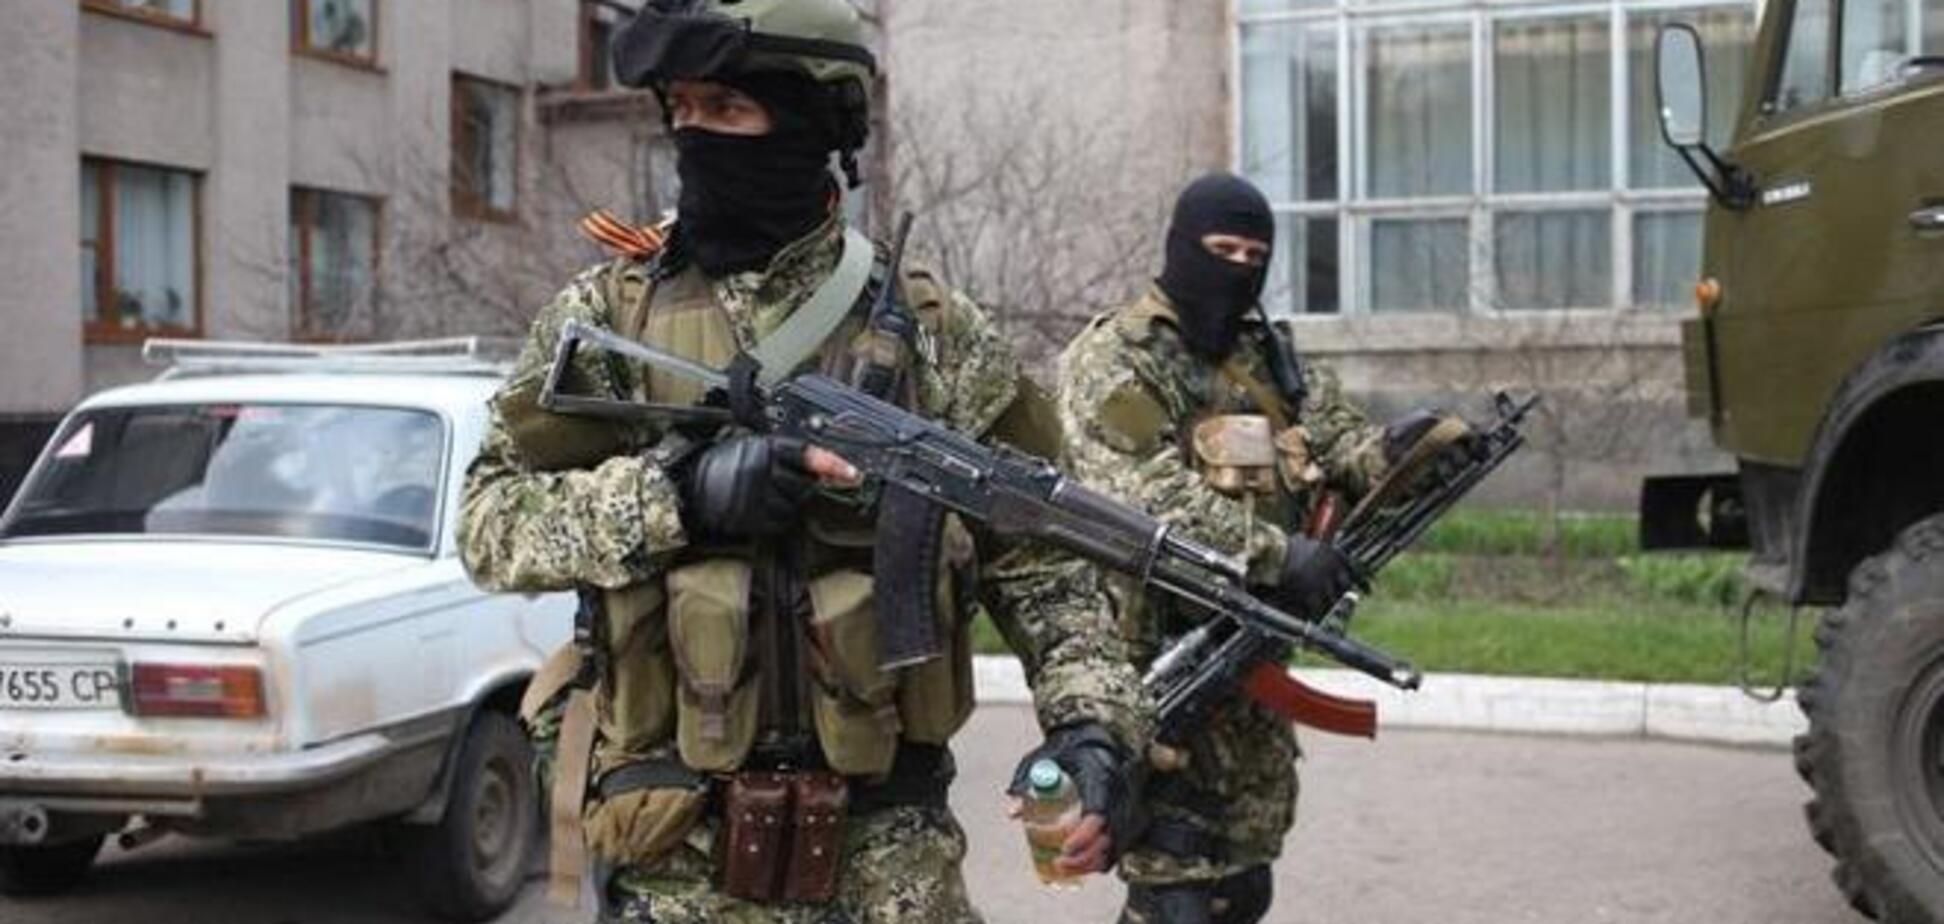 Двум донетчанам за 'Славу Украине!' сломали ноги – СМИ